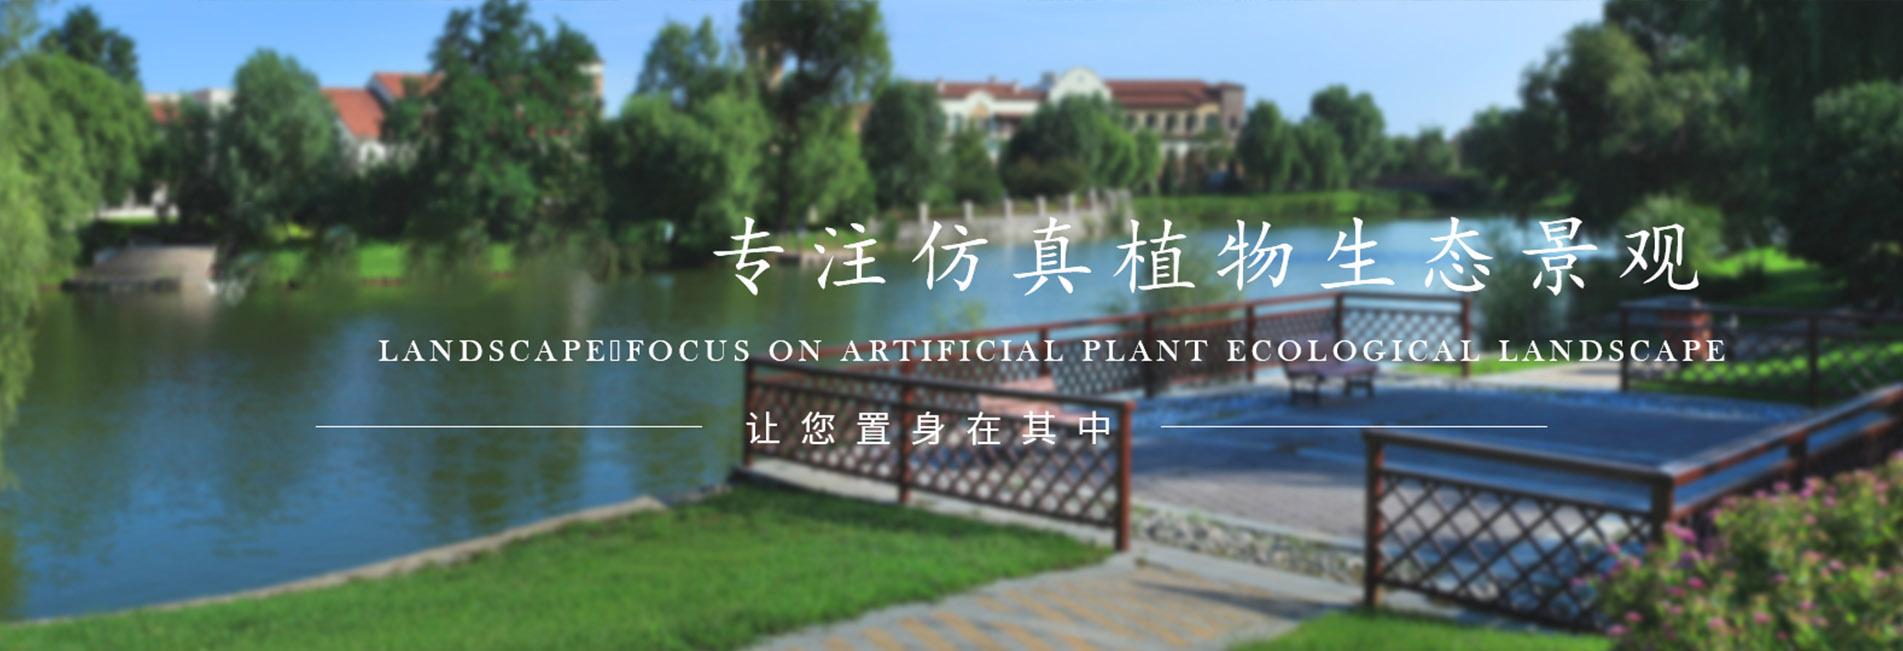 北京仿真绿雕造景优势及应用